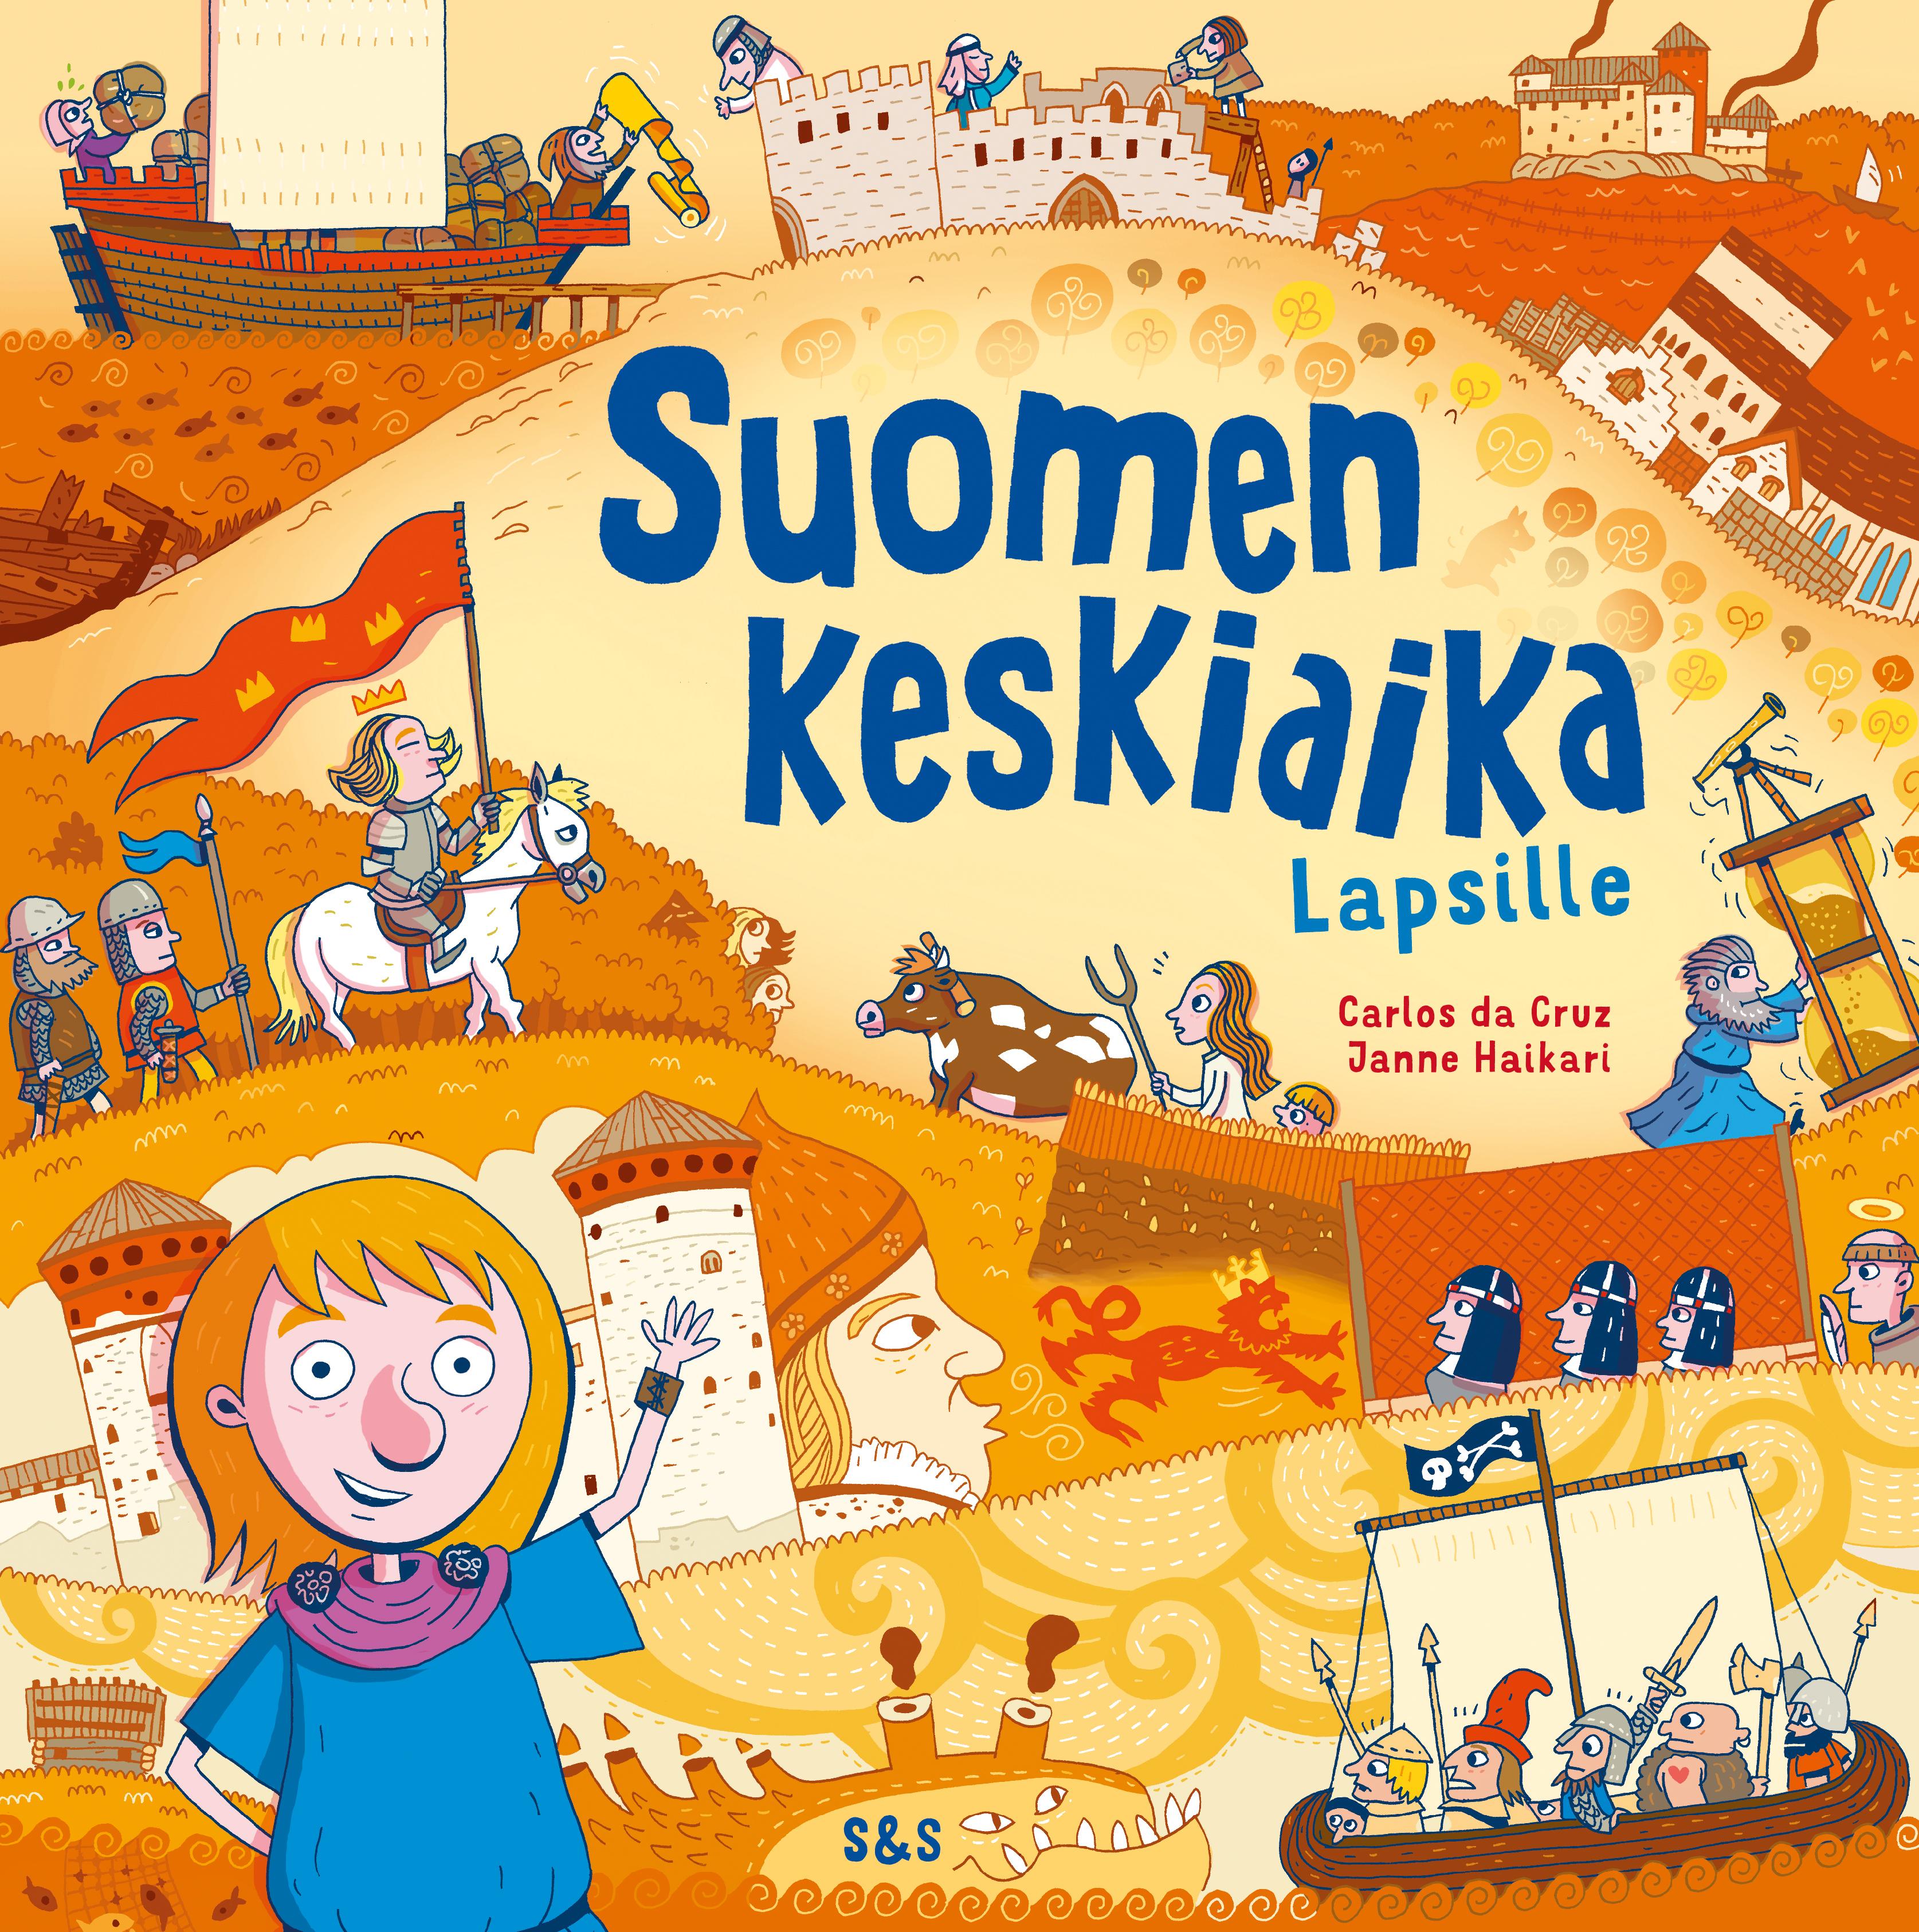 Suomen keskiaika lapsille